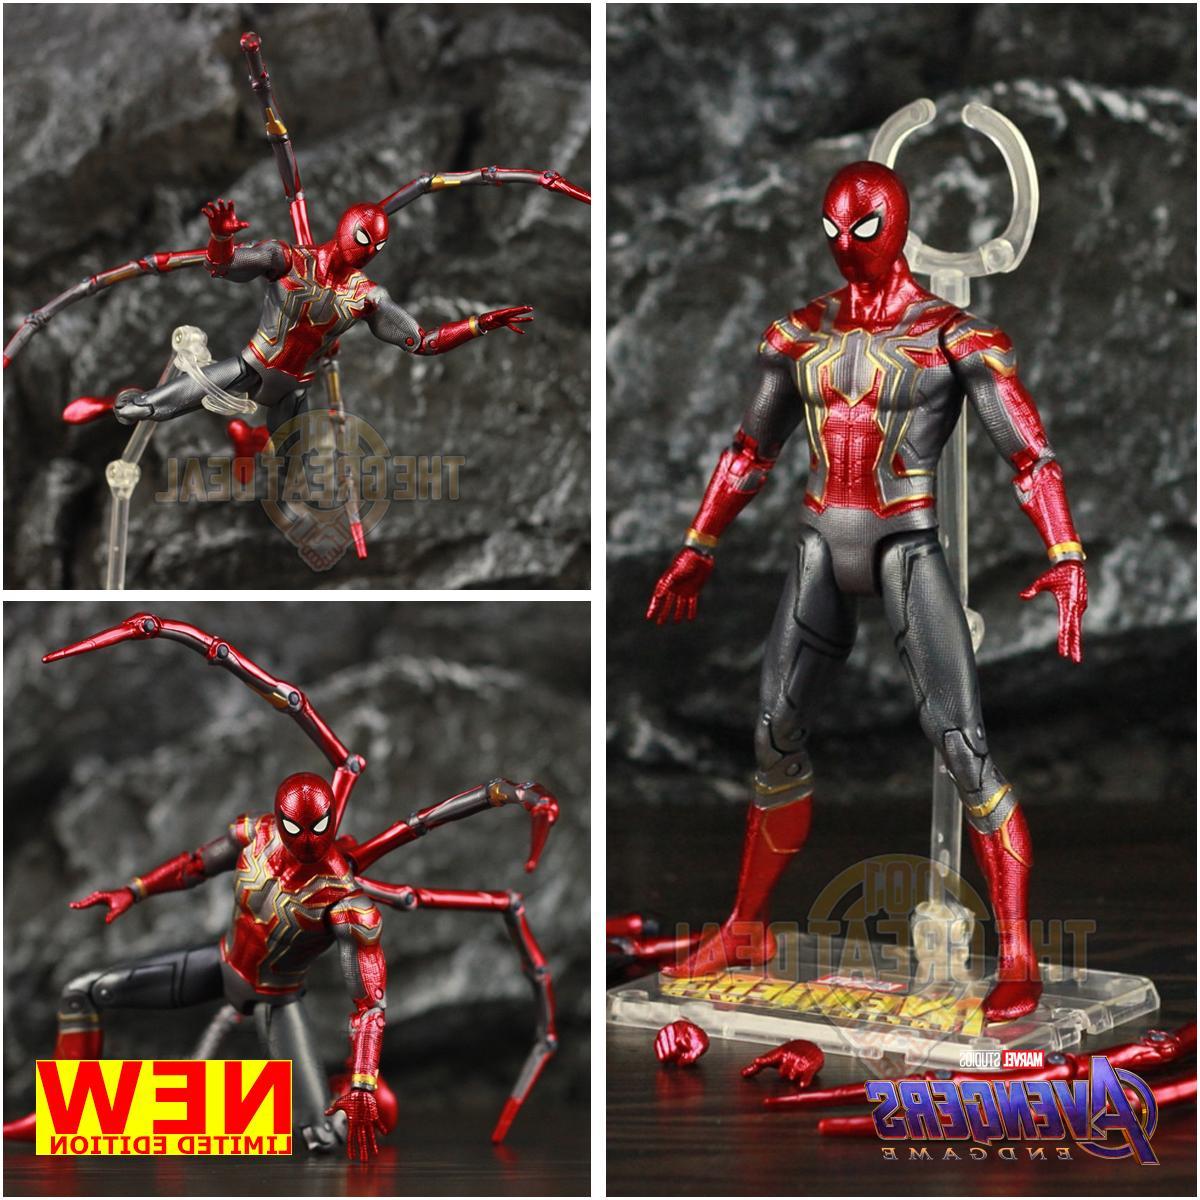 new avengers infinity war endgame spider man